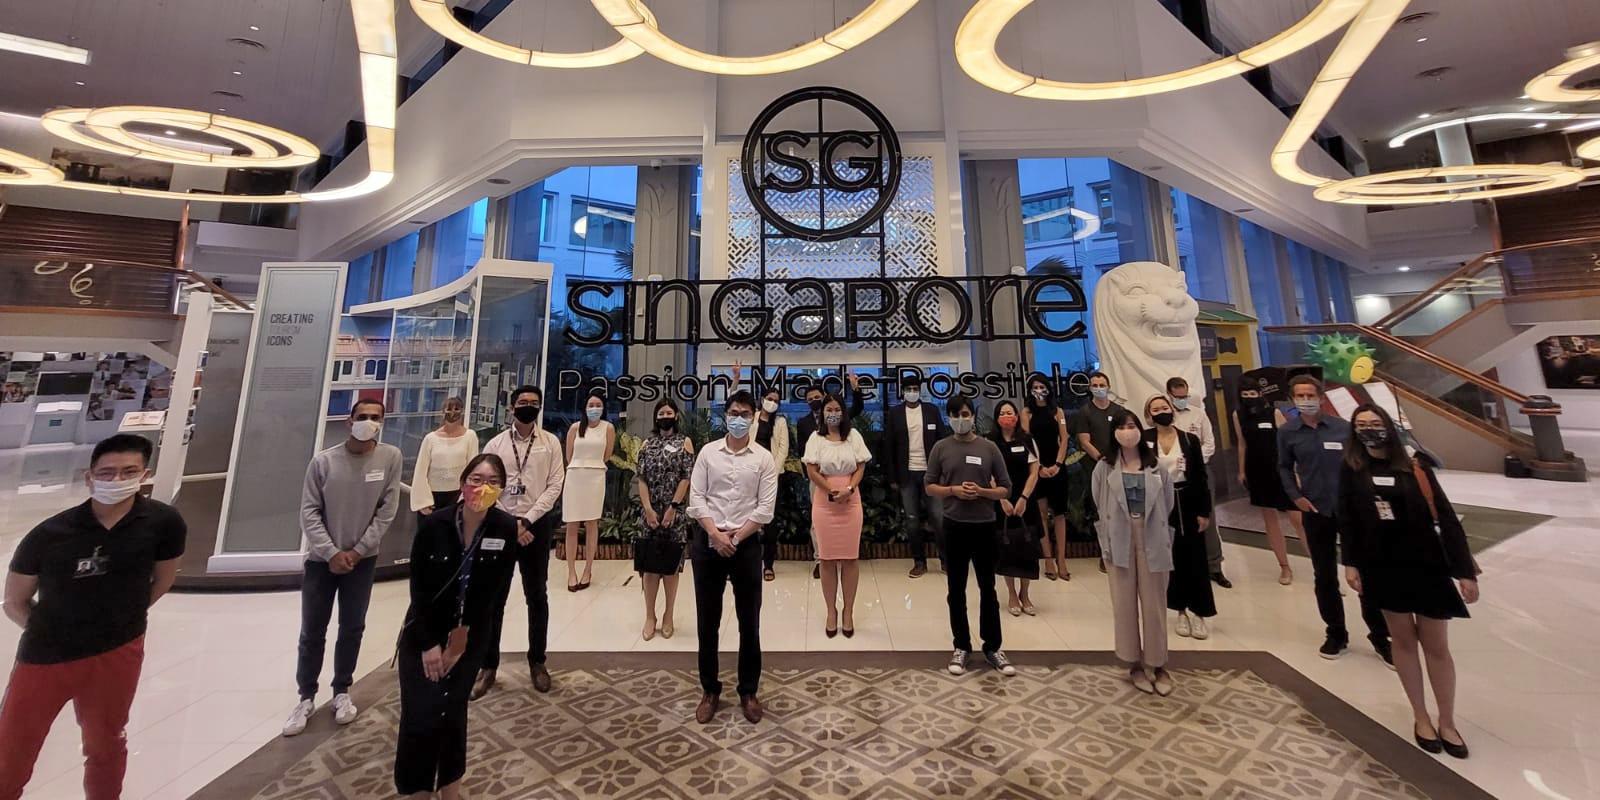 Singapore Tourism Accelerator Demo Day